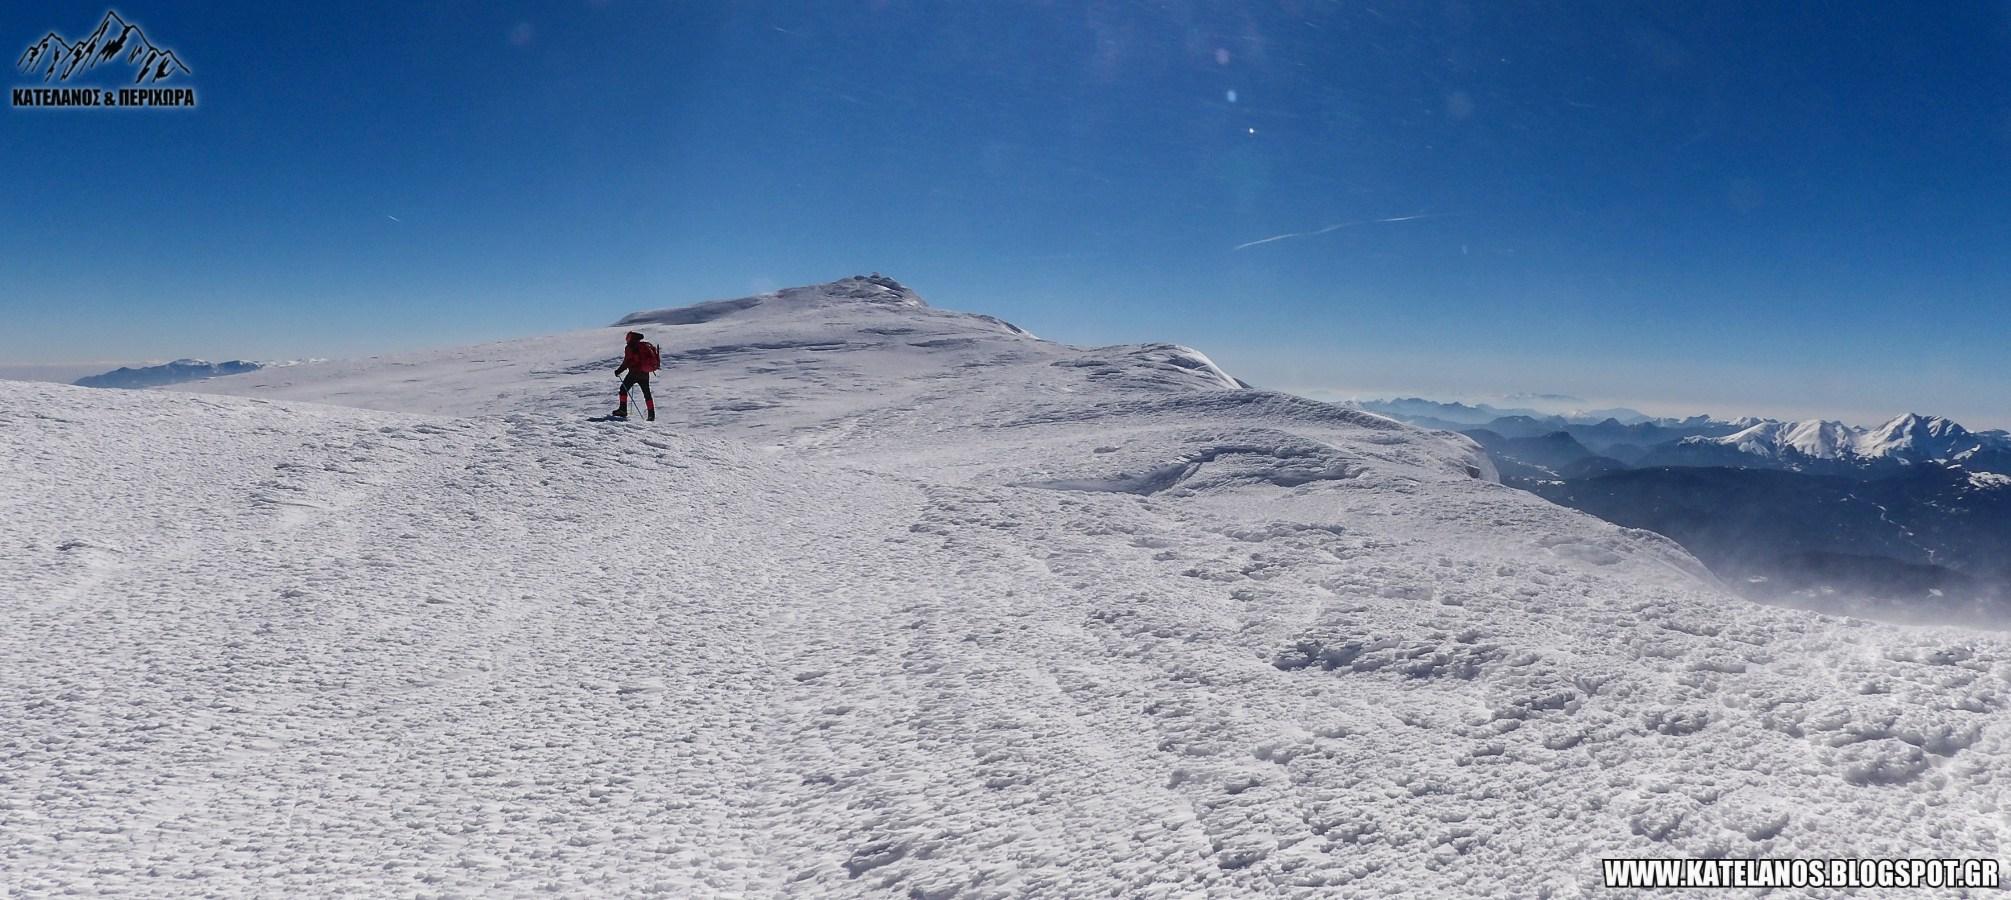 σεϊντάνι βελούχι αναβαση χειμωνας χιόνια